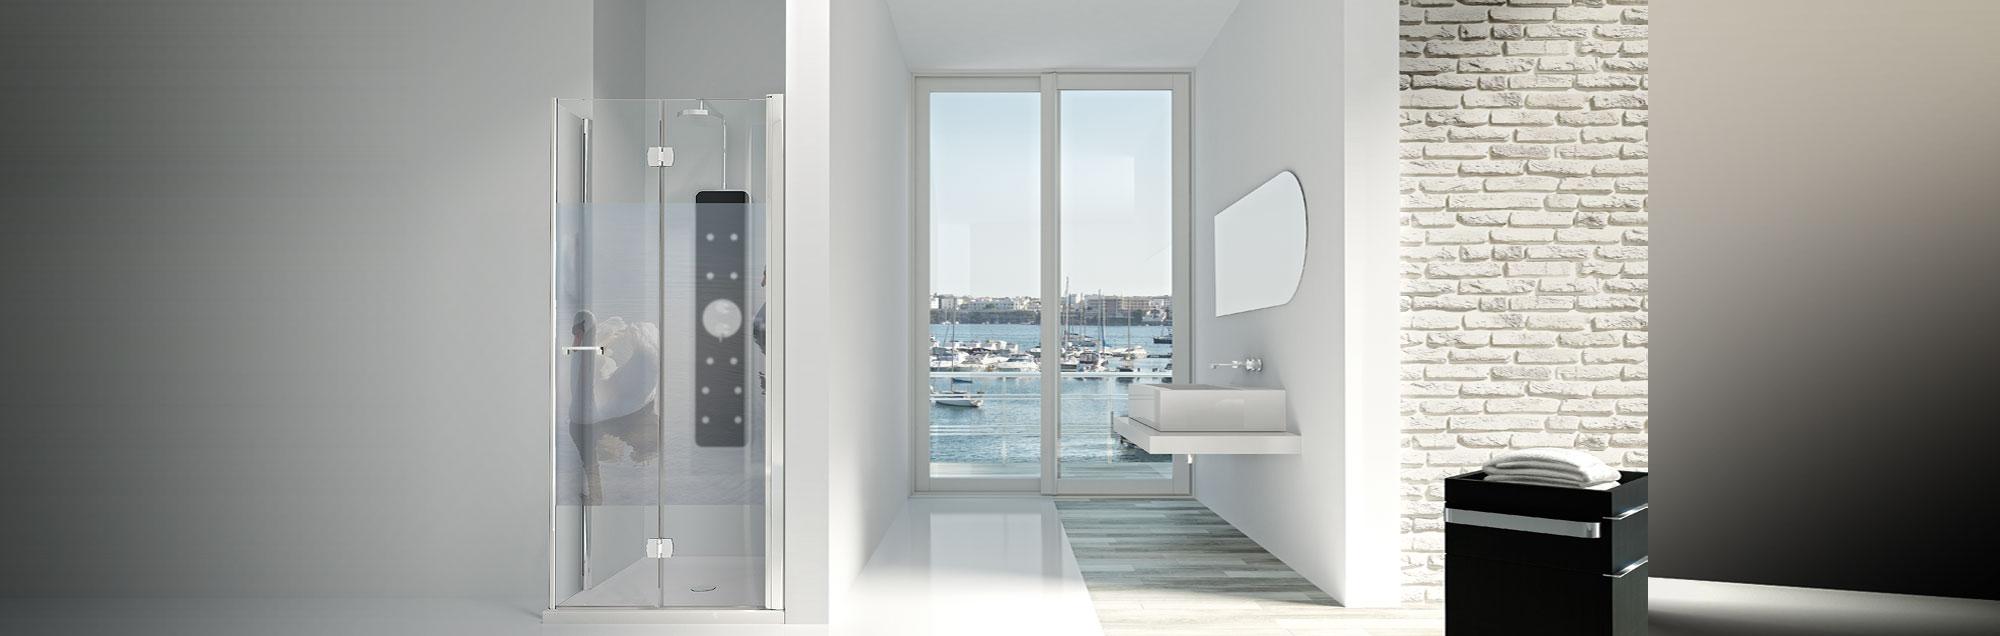 Serie Arcoiris Plus - Duschabtrennungen nach Maß mit Falttüren